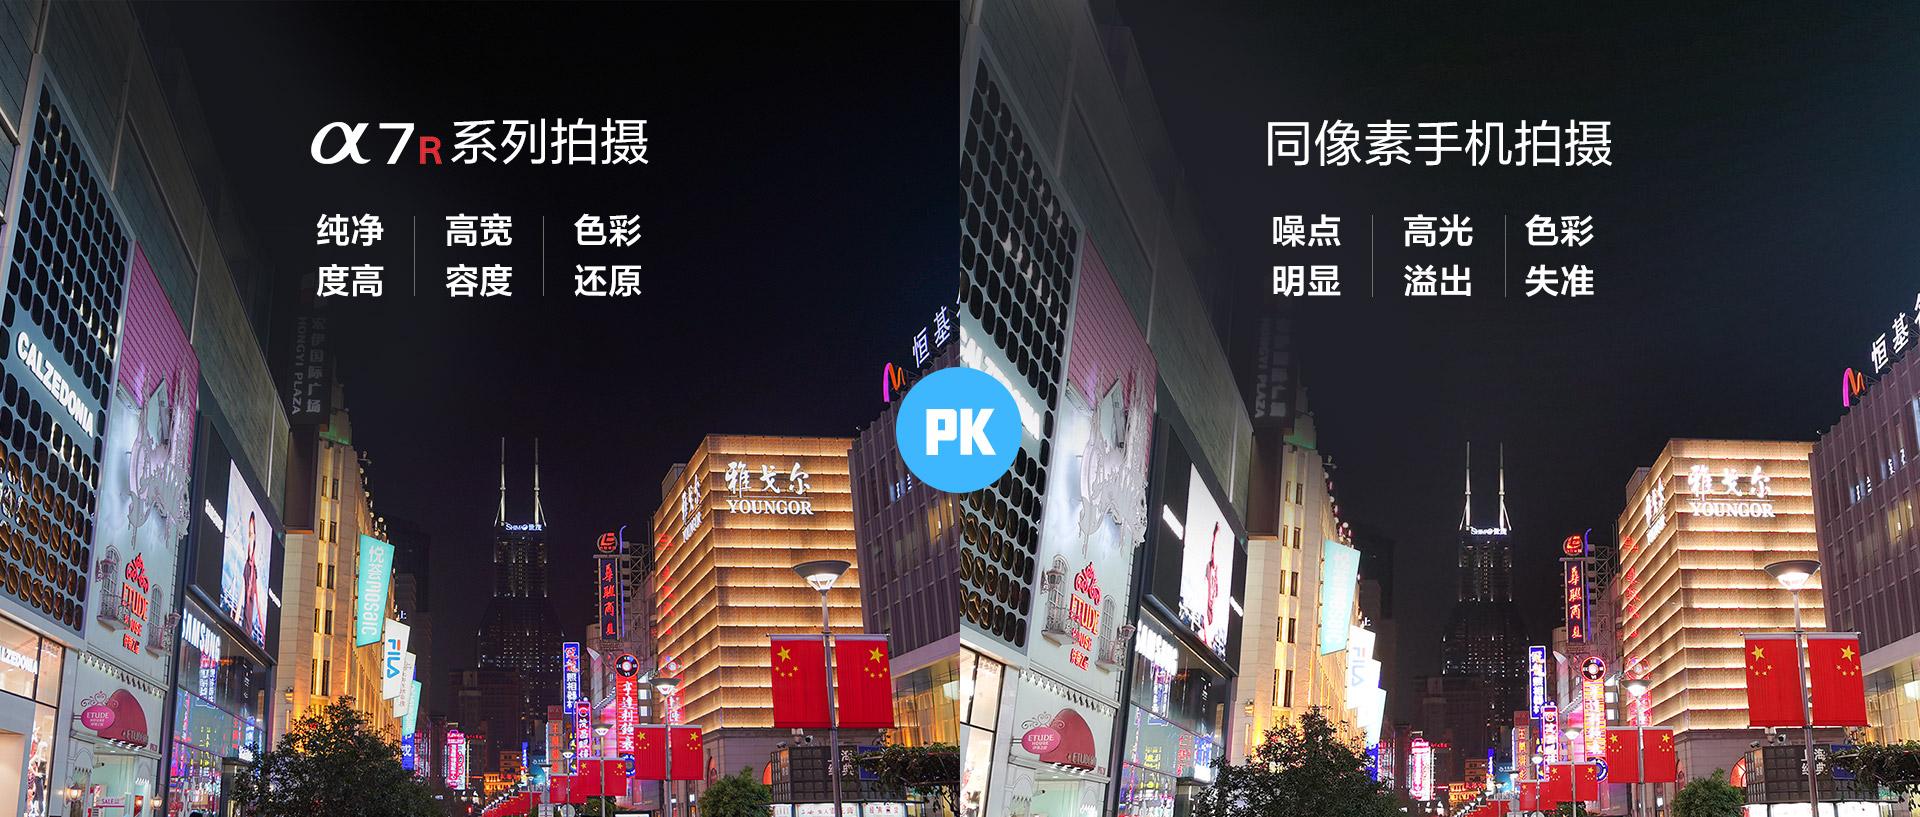 Alpha 7R系列拍攝與同像素手機拍攝效果對比圖